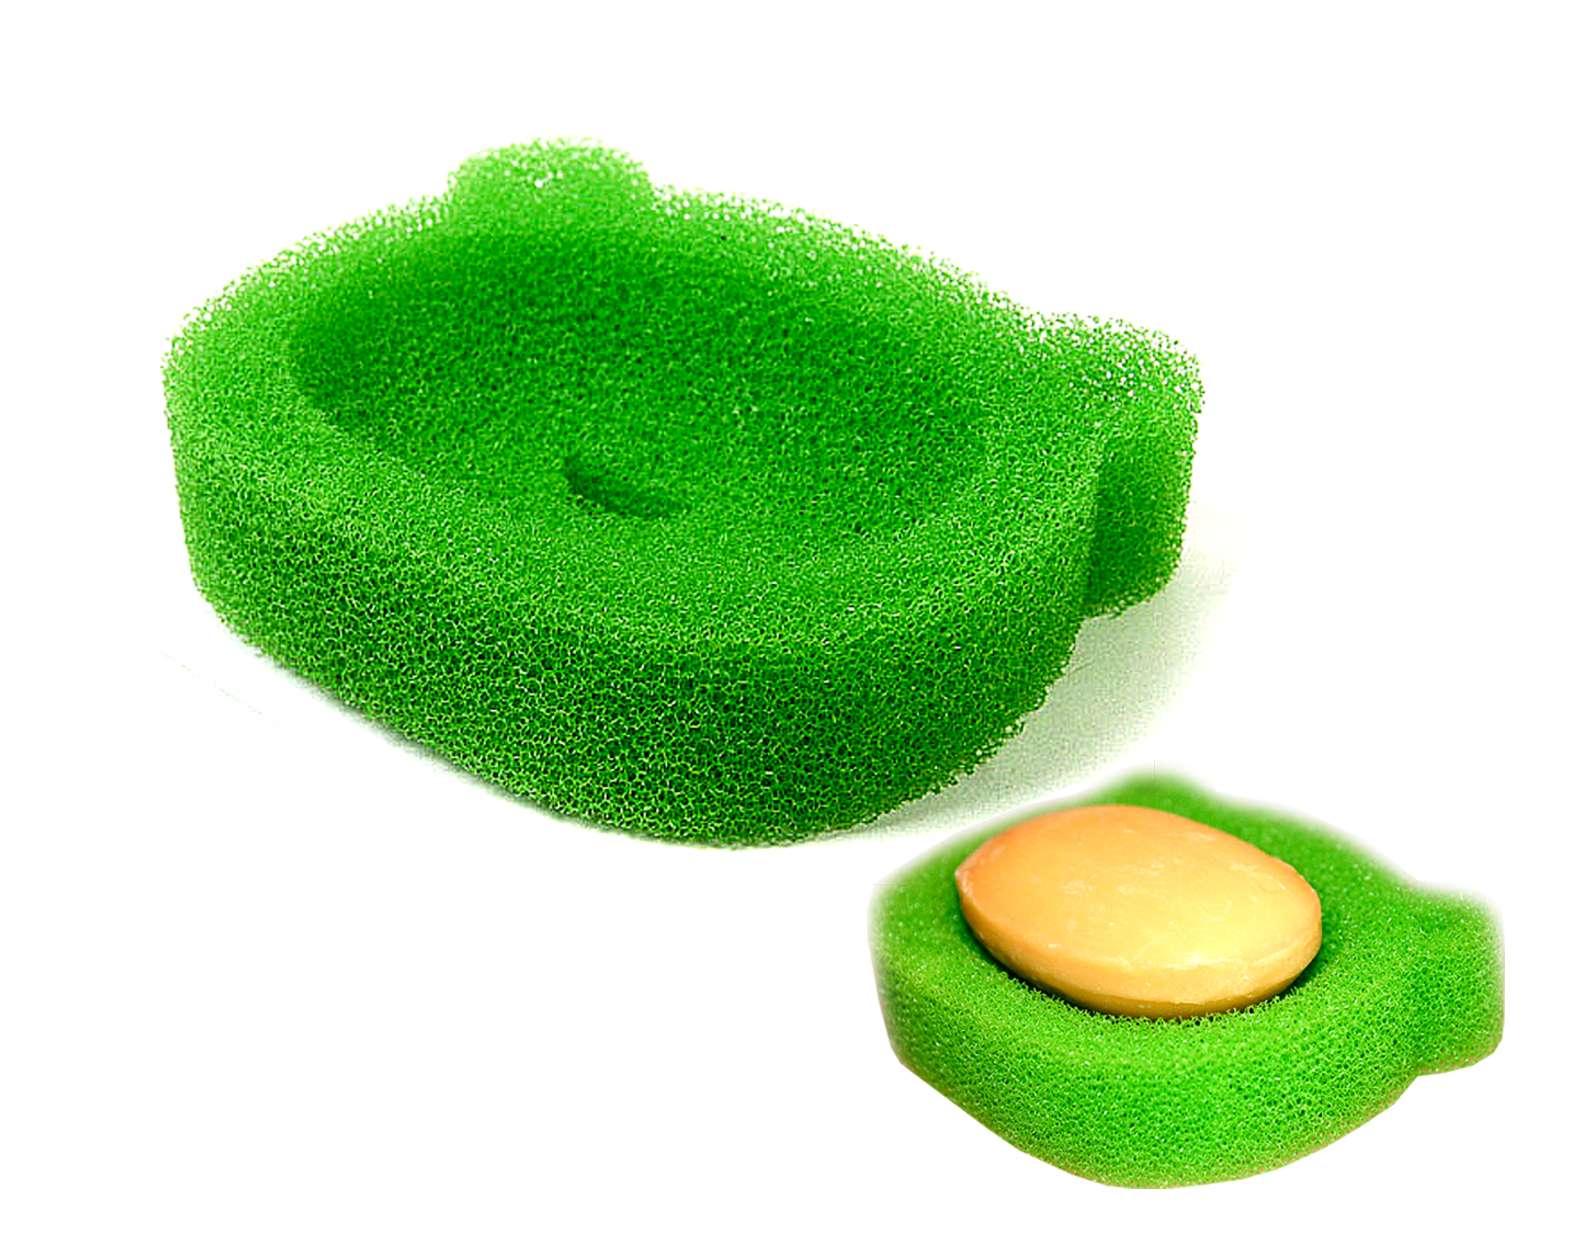 New 2p frog shape sponge soap holder soap dish tray kitchen sink bathroom green ebay - Frog sponge holder kitchen sink ...